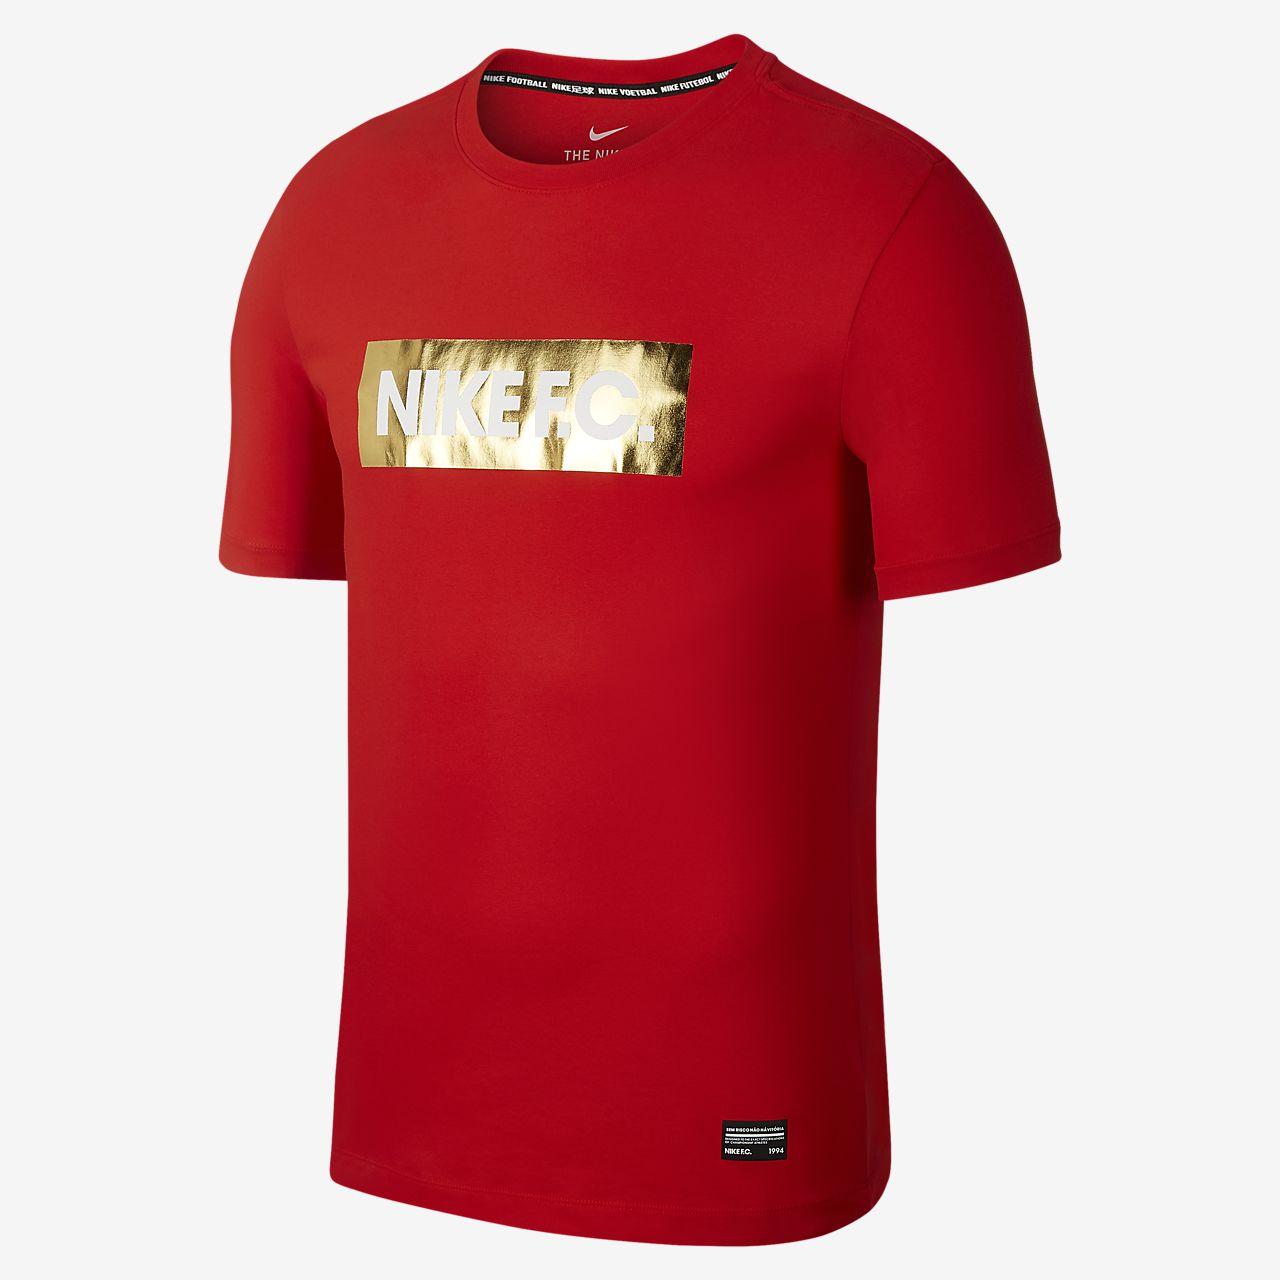 ナイキ F.C. Dri-FIT メンズ サッカー Tシャツ